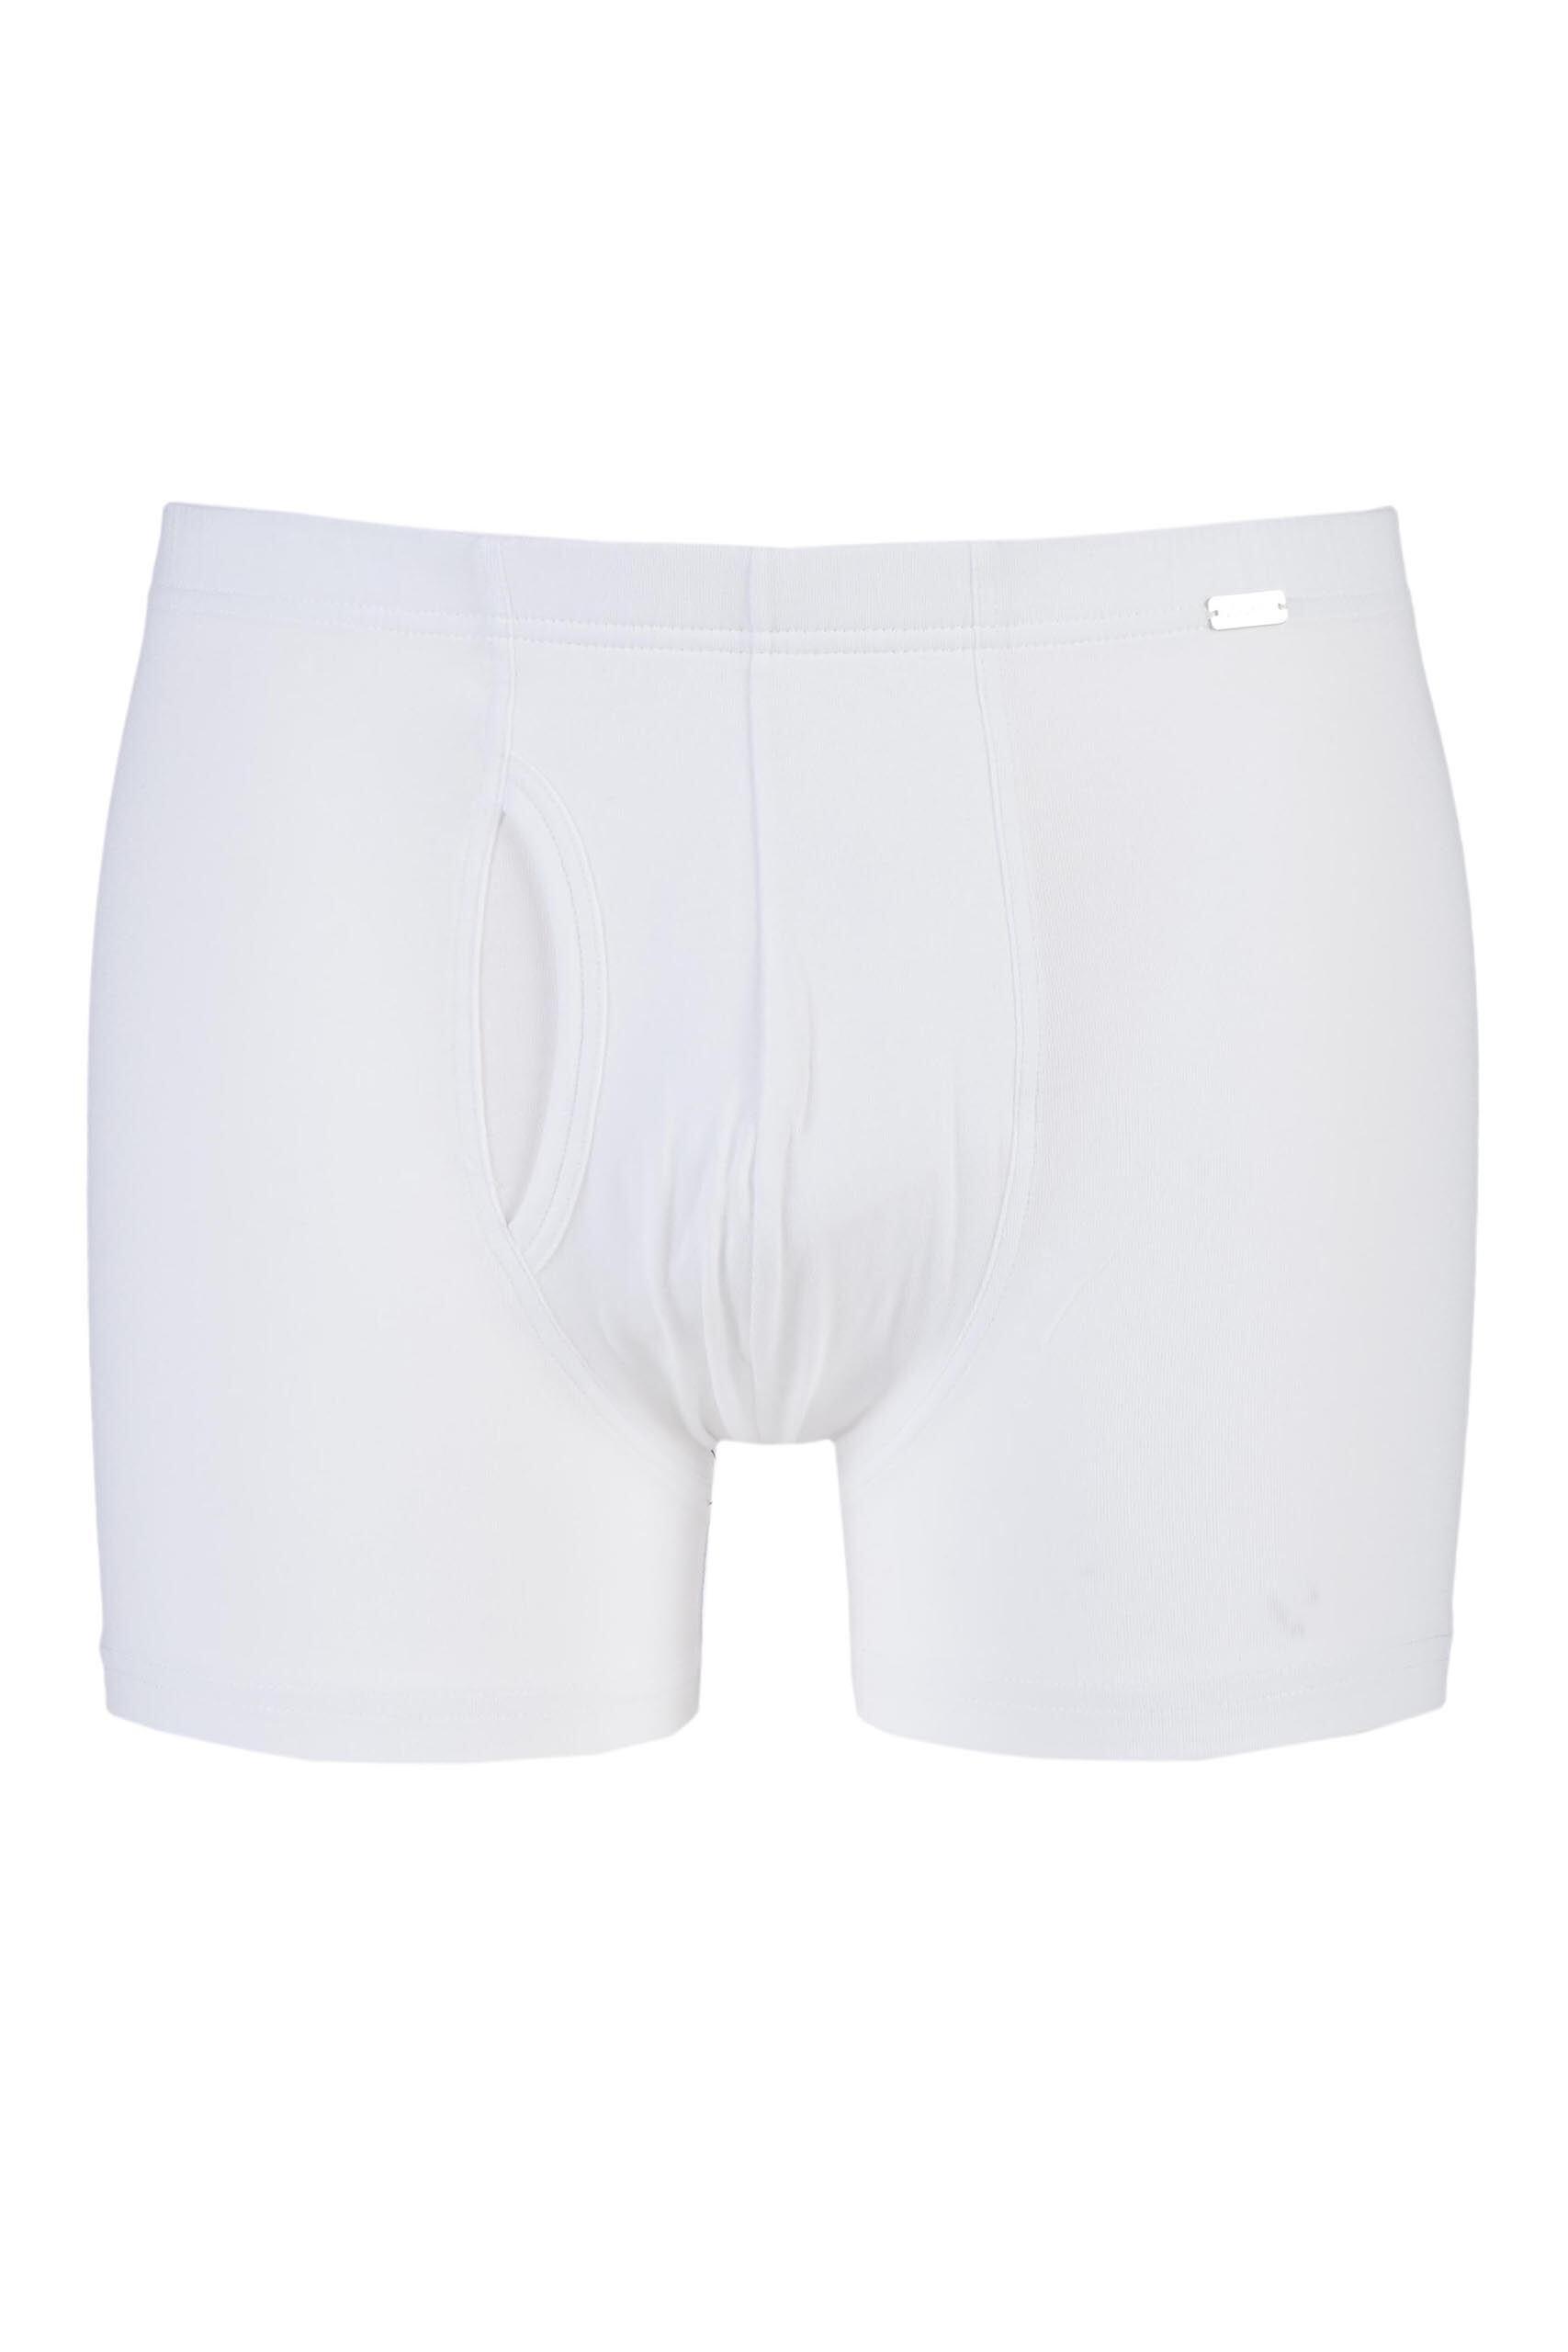 Image of 1 Pack White Modern Stretch Comfort Trunks Men's Small - Jockey